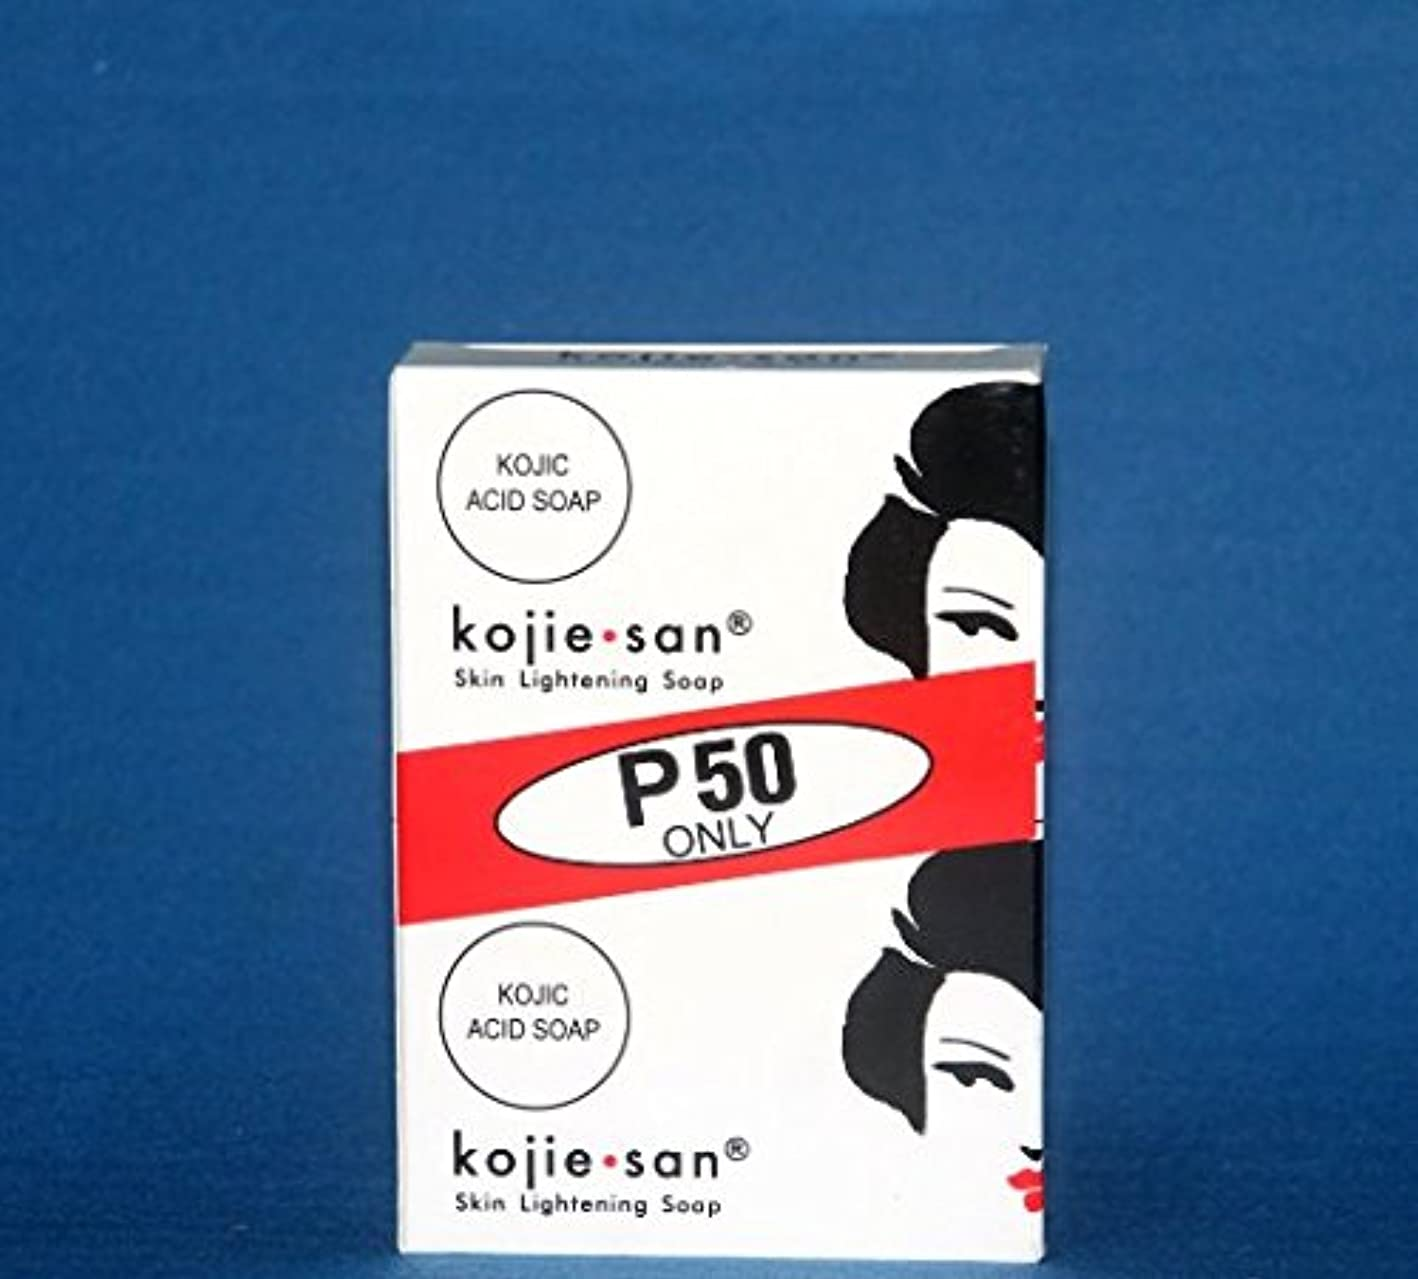 関数百万毒性Kojie san Skin Lightening Soap 2 pcs こじえさん スキンライトニングソープ 2個 パック [並行輸入品]